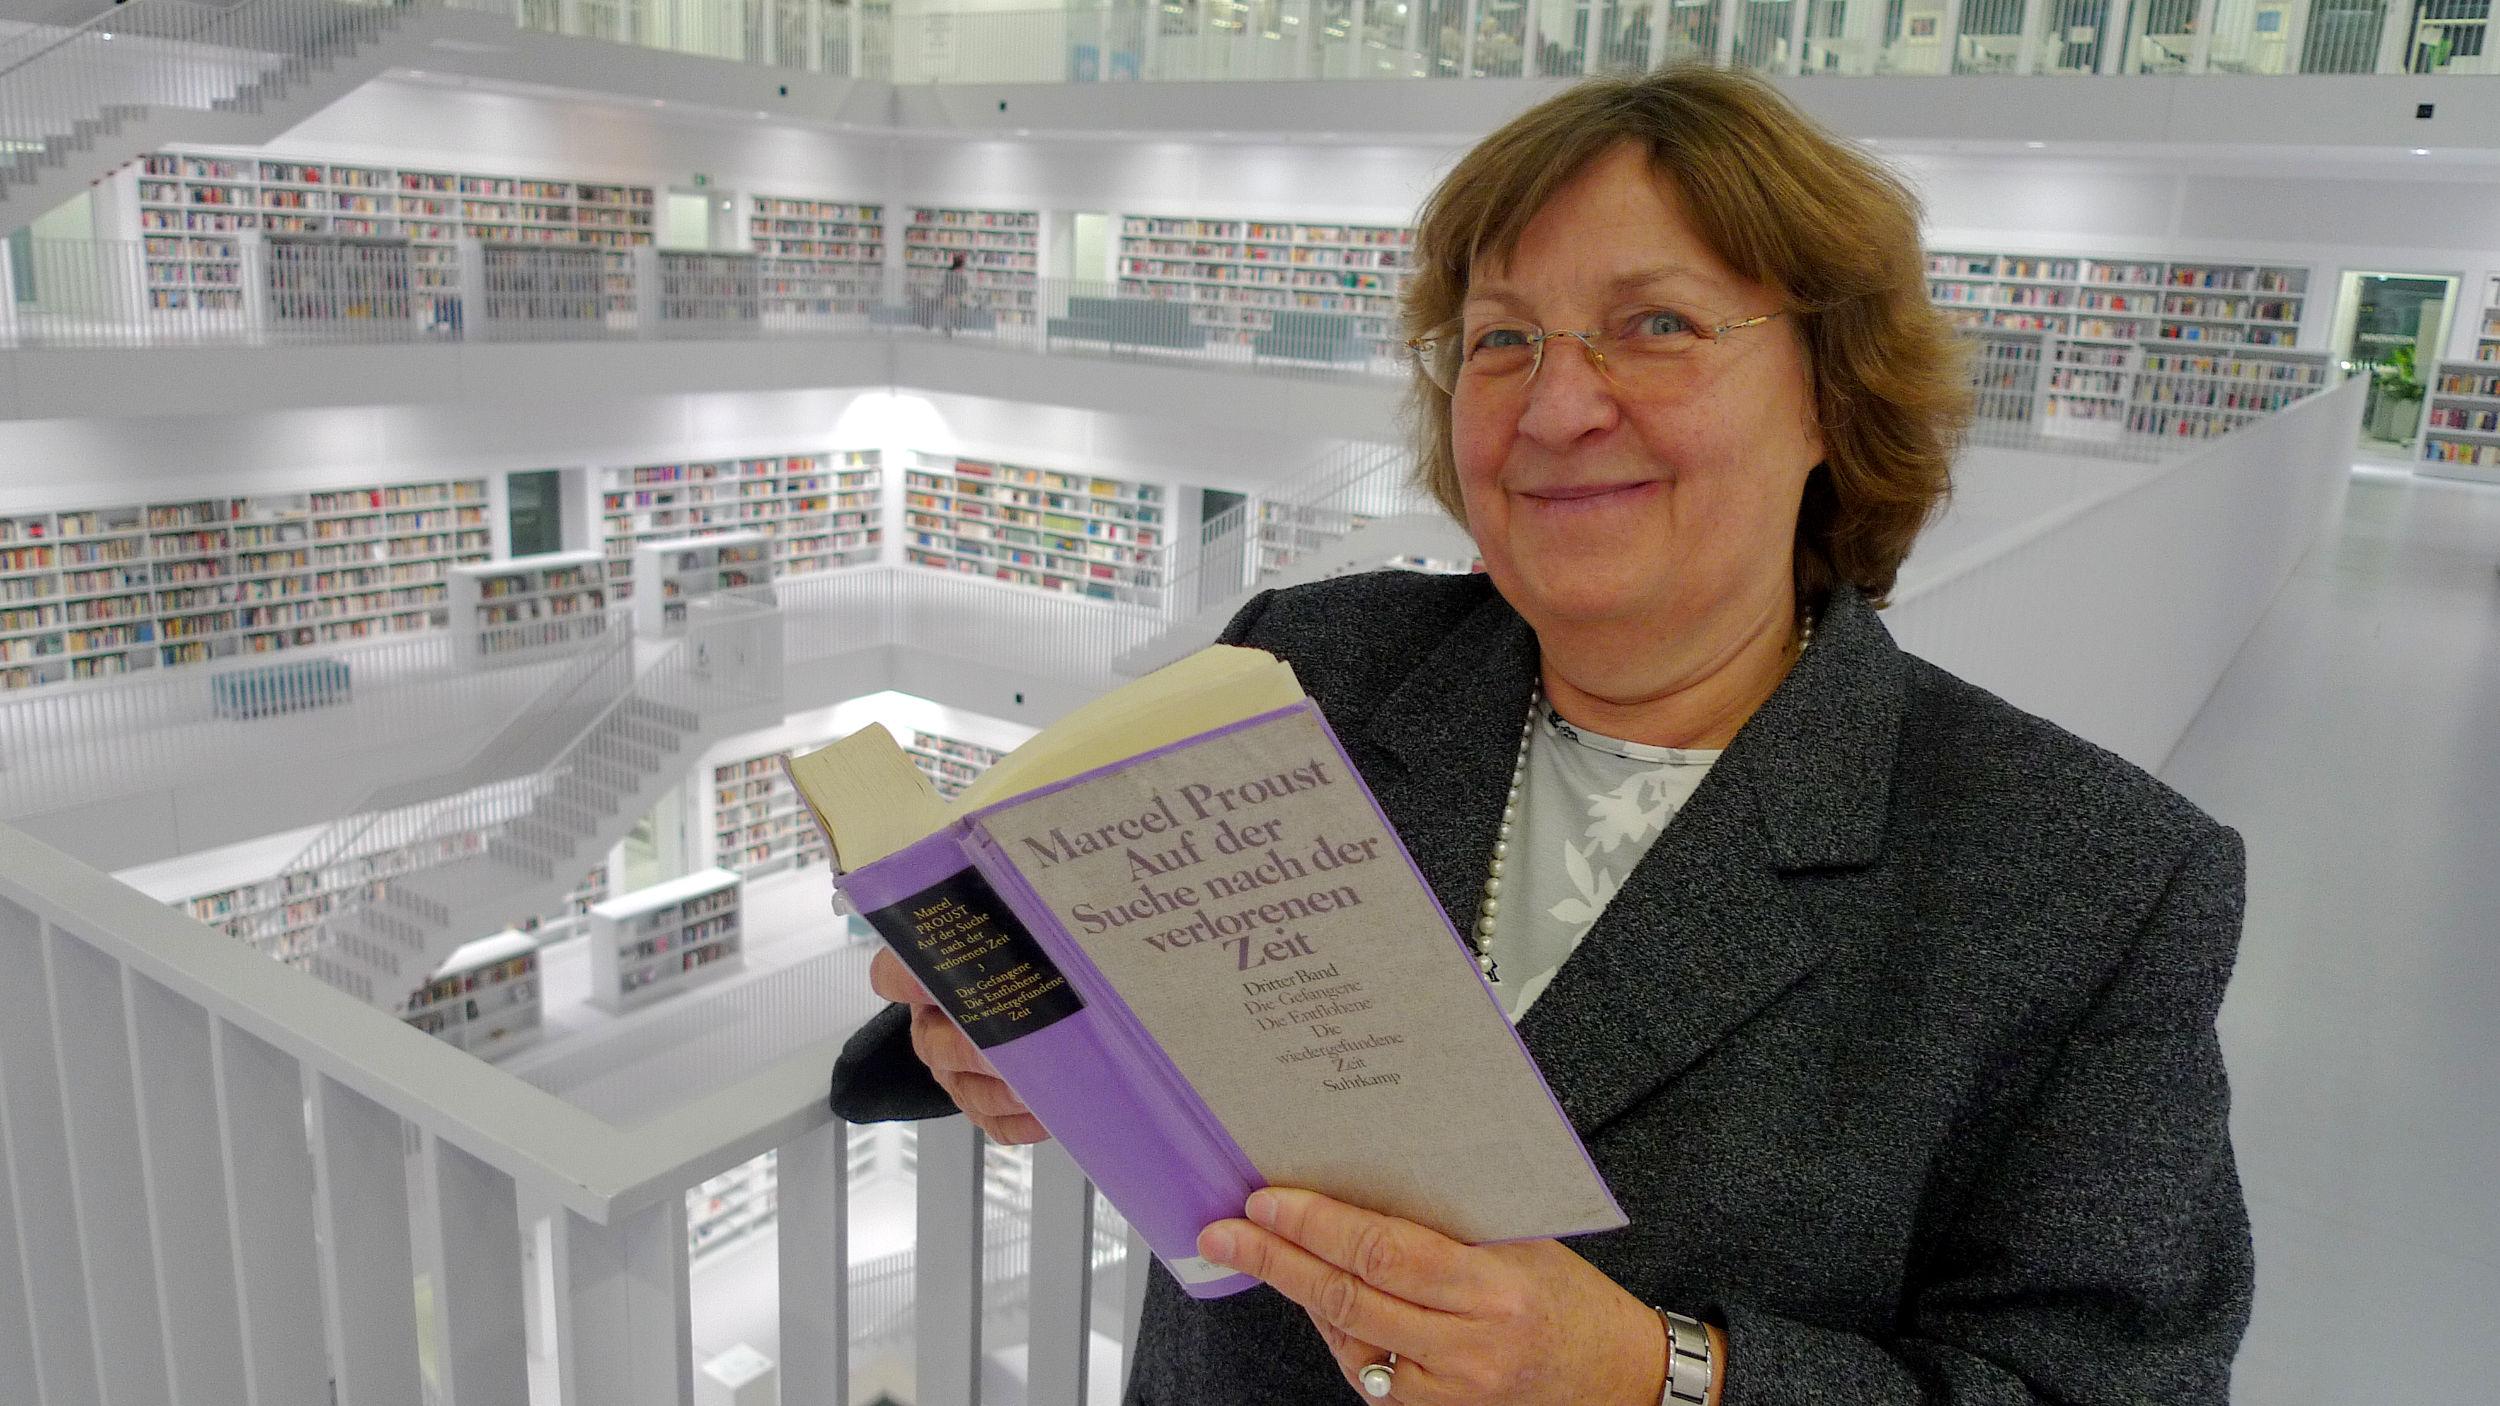 Bibliotheken sind Orte der Begegnung – Im Gespräch mit der Leiterin der Stuttgarter Bibliothek